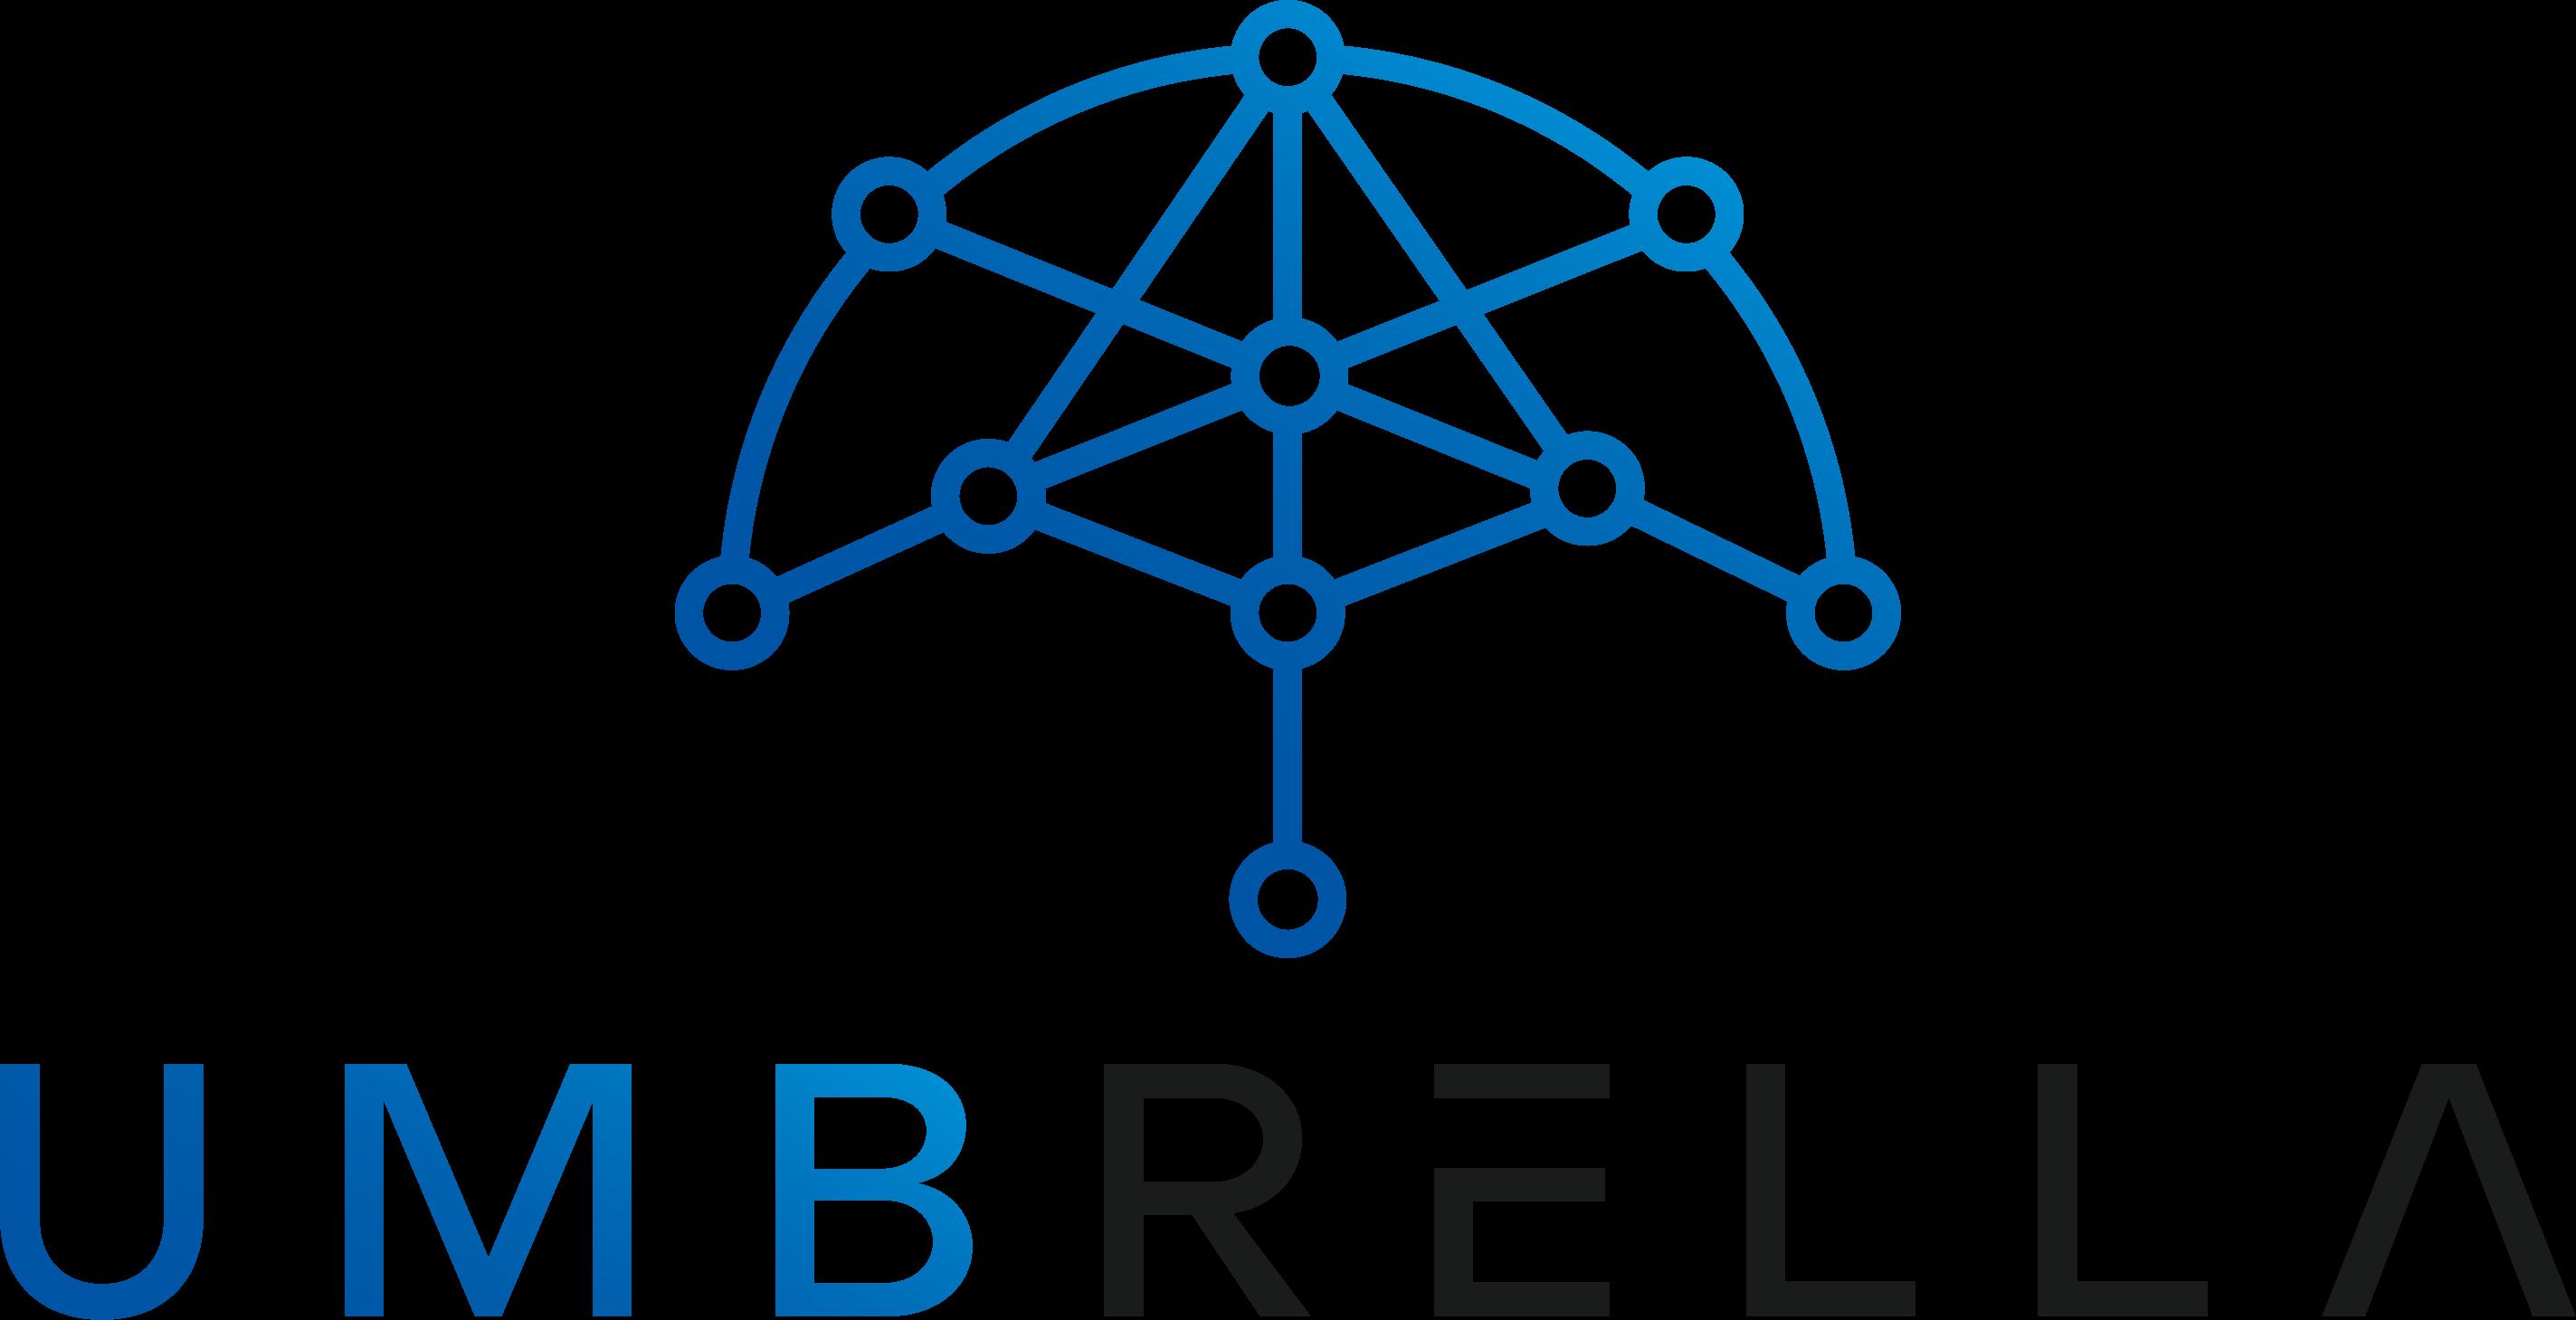 Umbrella Network